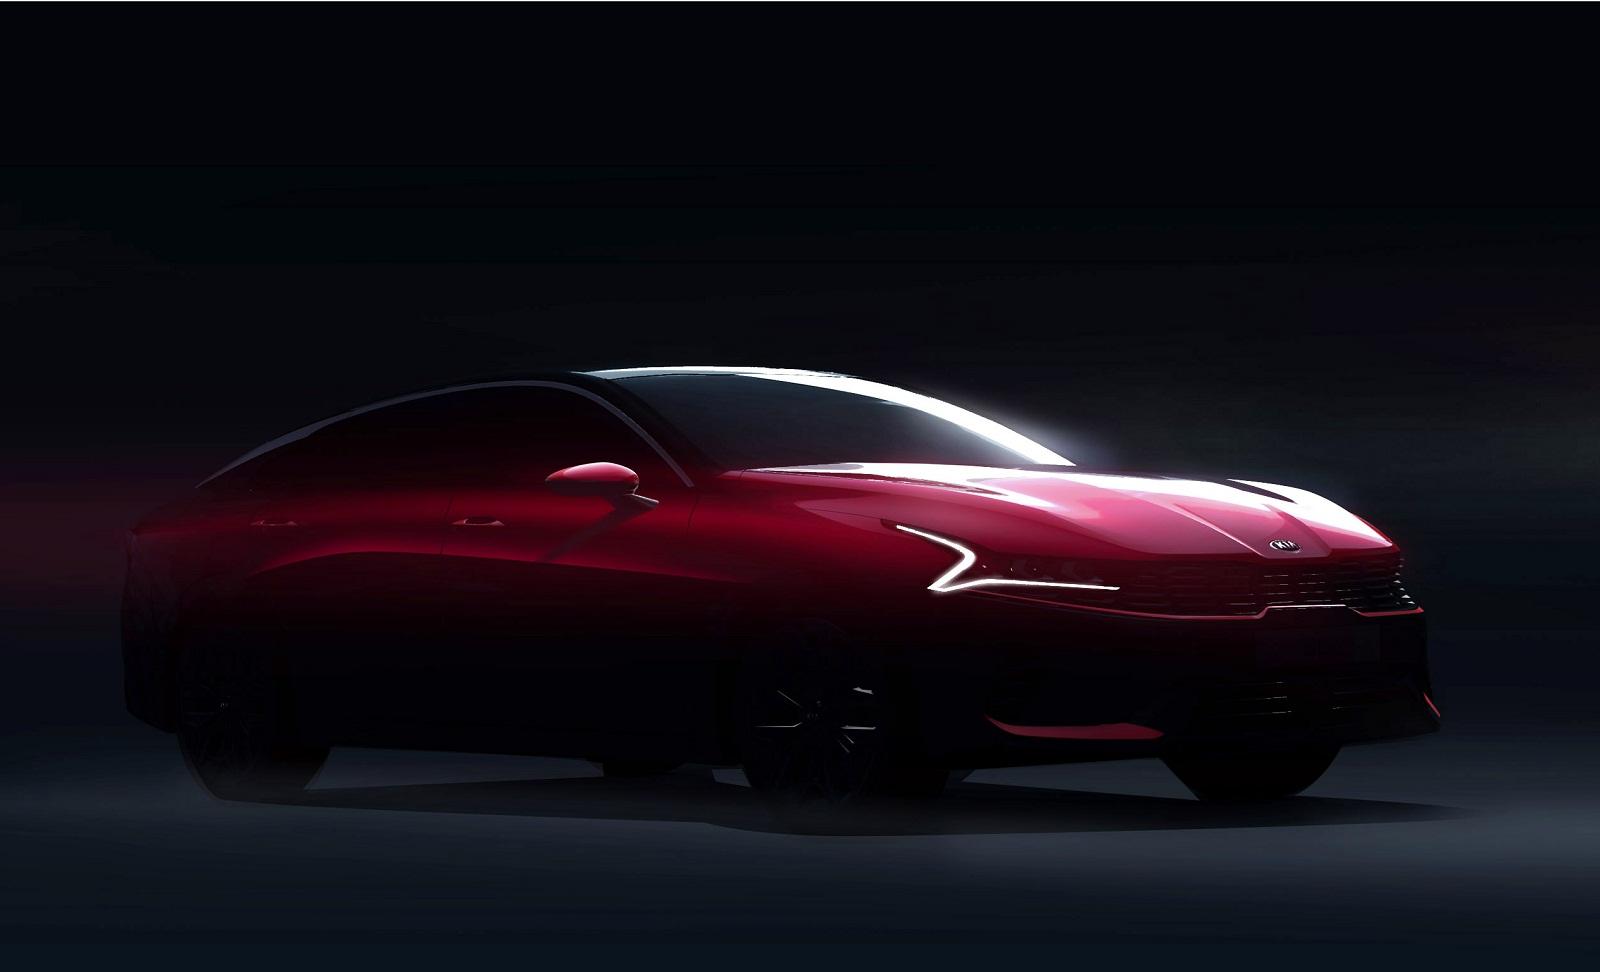 Тебя прям не узнать: первые изображения новой Kia Optima 2020